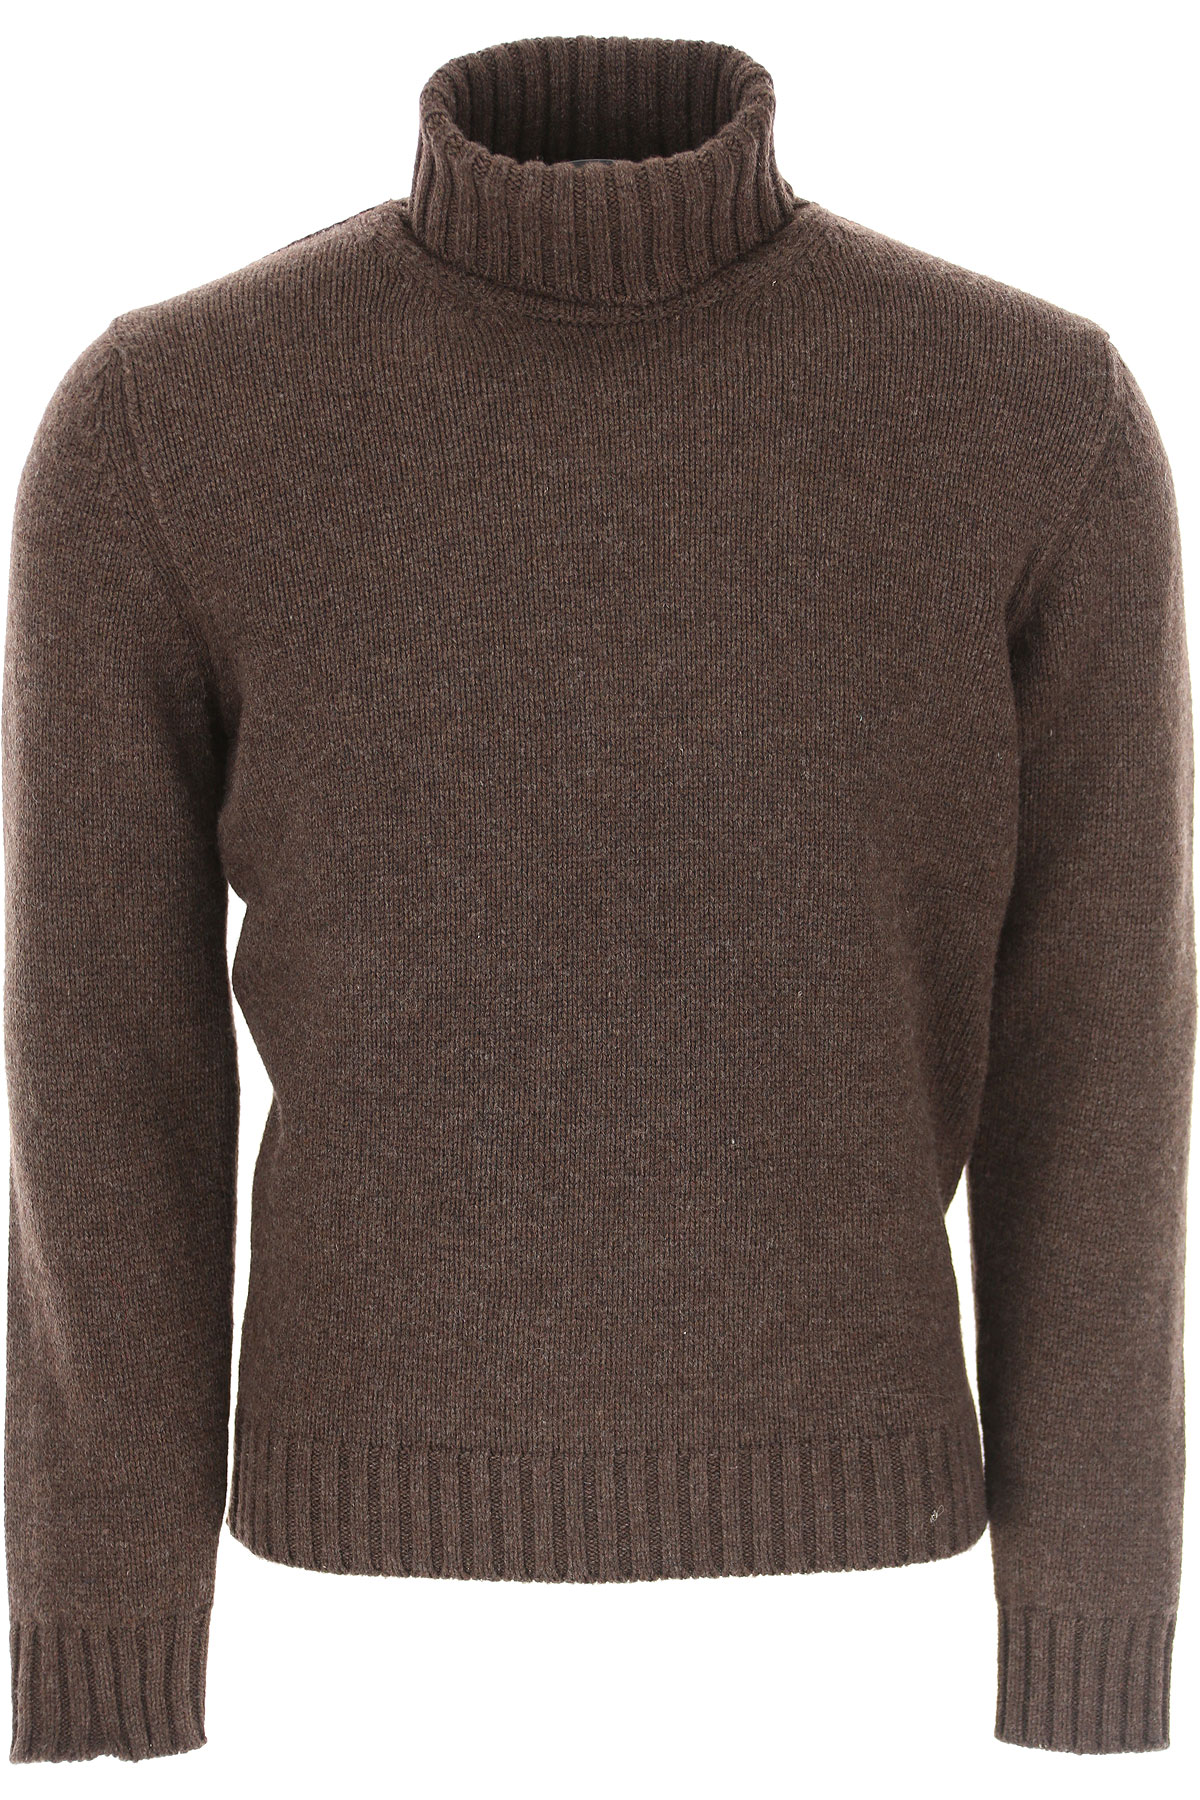 Image of Kangra Sweater for Men Jumper, Brown, Wool, 2017, 2 - Uk/Usa M - Ita 48 3 - Uk/Usa L - Ita 50 4 - Uk/Usa XL - Ita 52 5 - Uk/Usa XXL - Ita 54